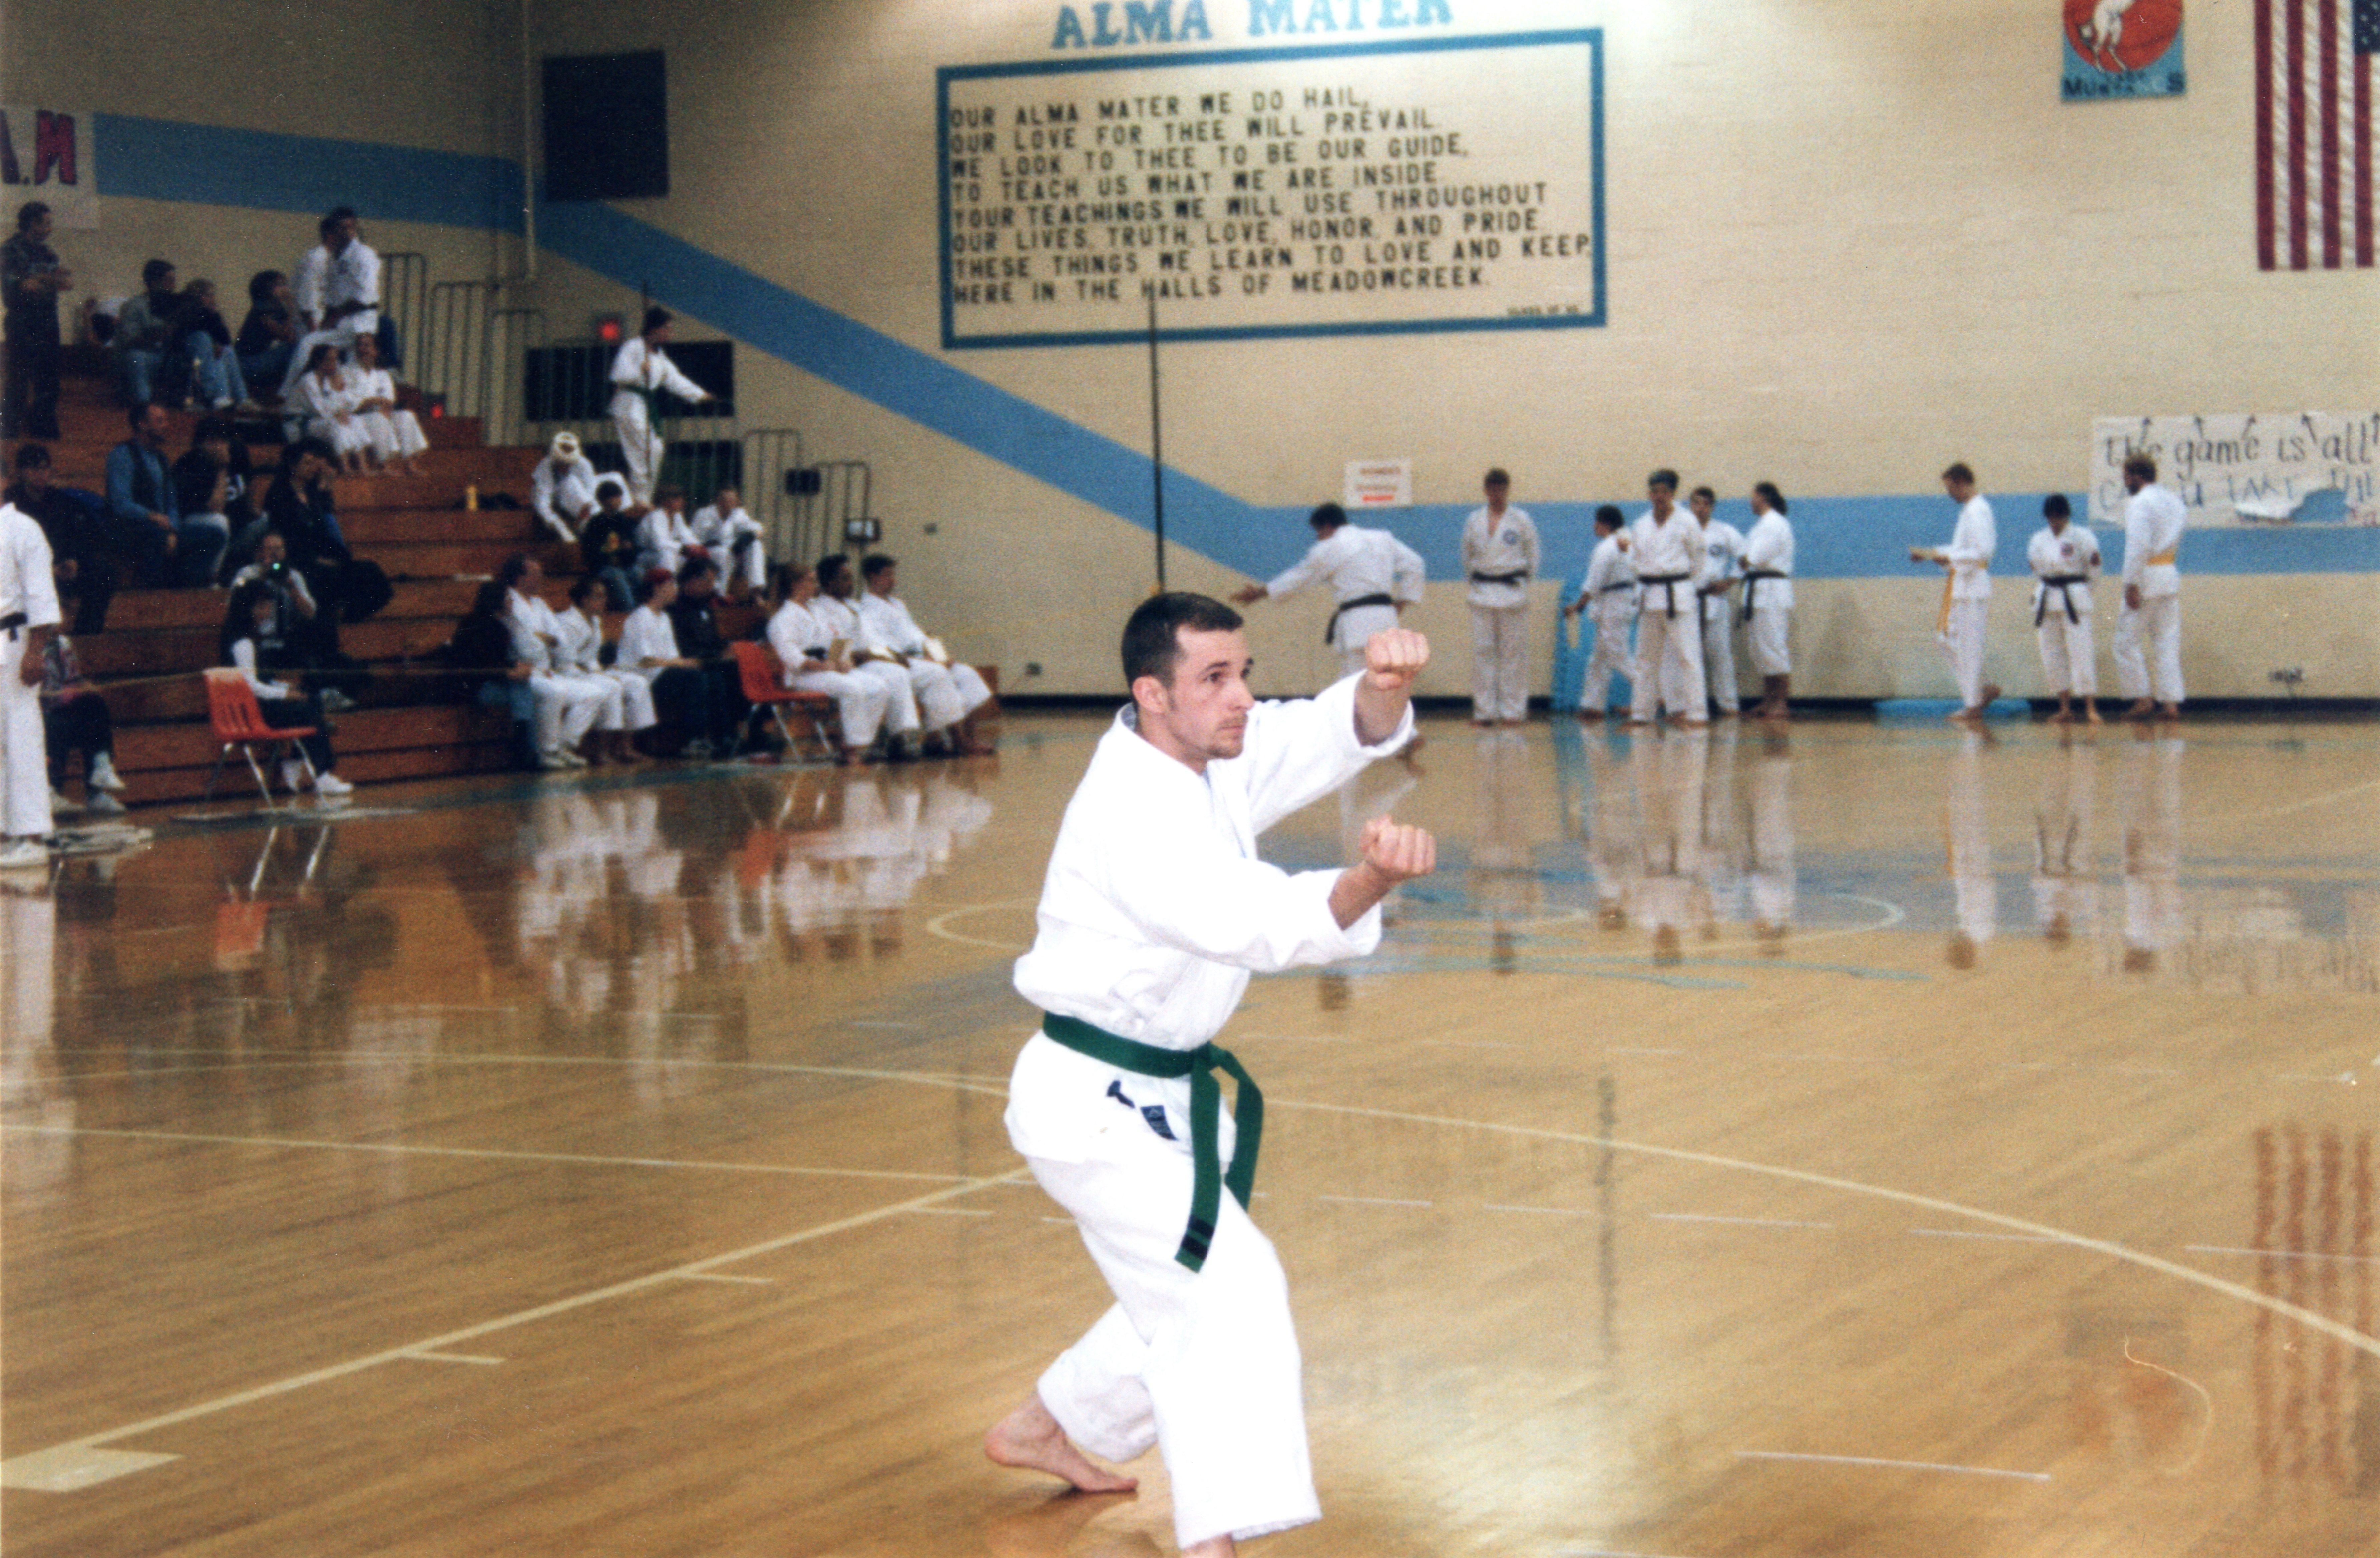 Rich-kata-Gega-Sai-1997